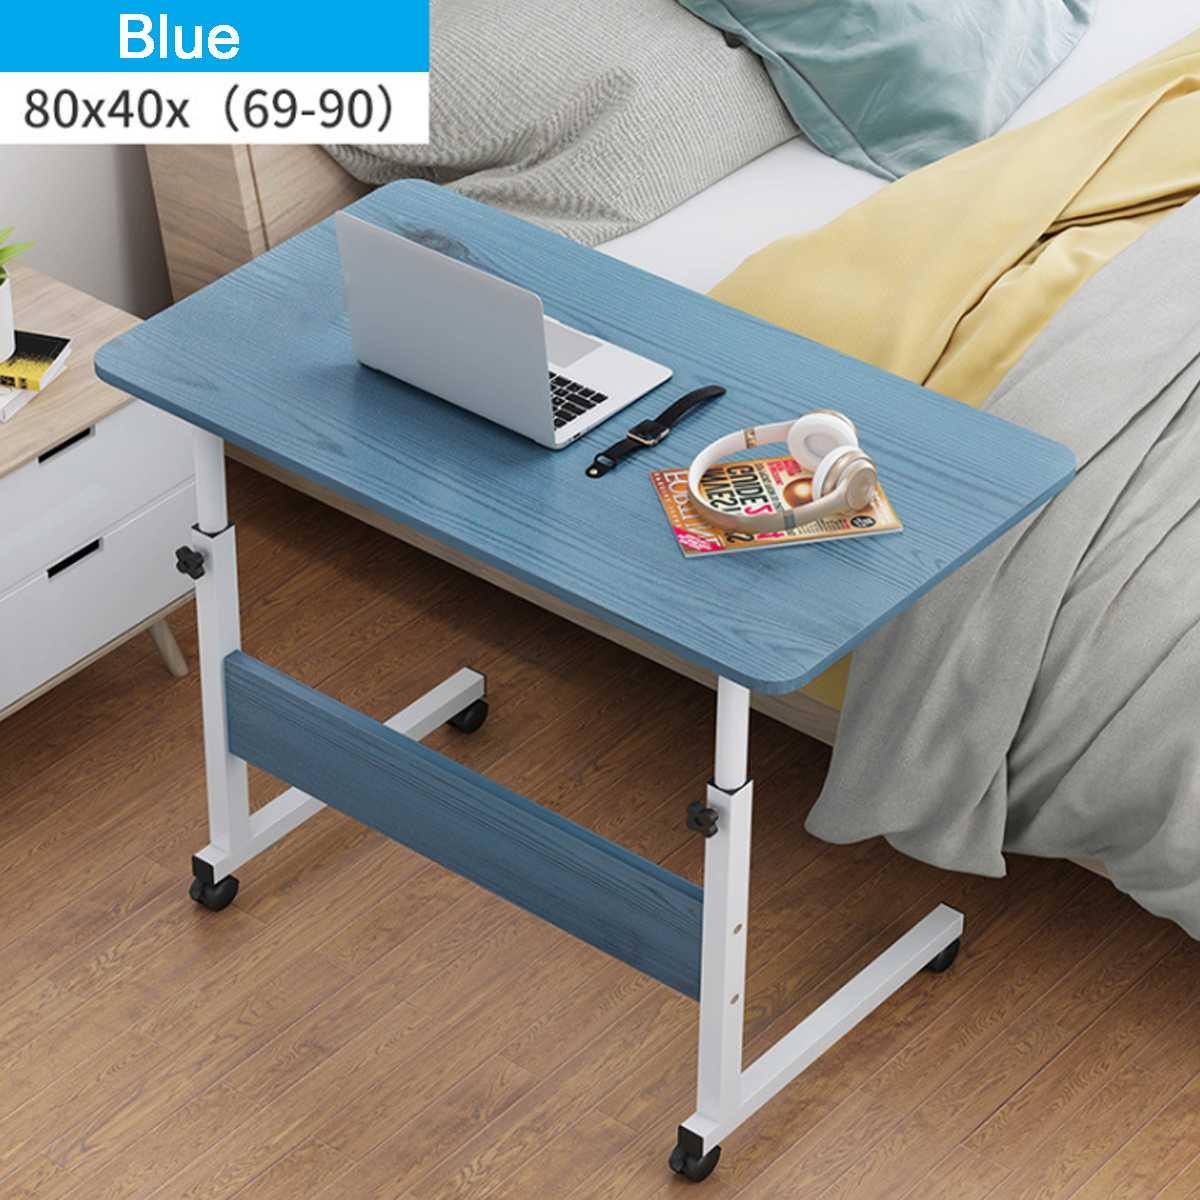 Laptop Warenkorb Roll Schreibtisch Mobilen Ständer Tragbare Caster Warenkorb Bett Seite Overbed Tabelle Computer Schreibtisch Studie Schreibtisch mit Abschließbar Caster